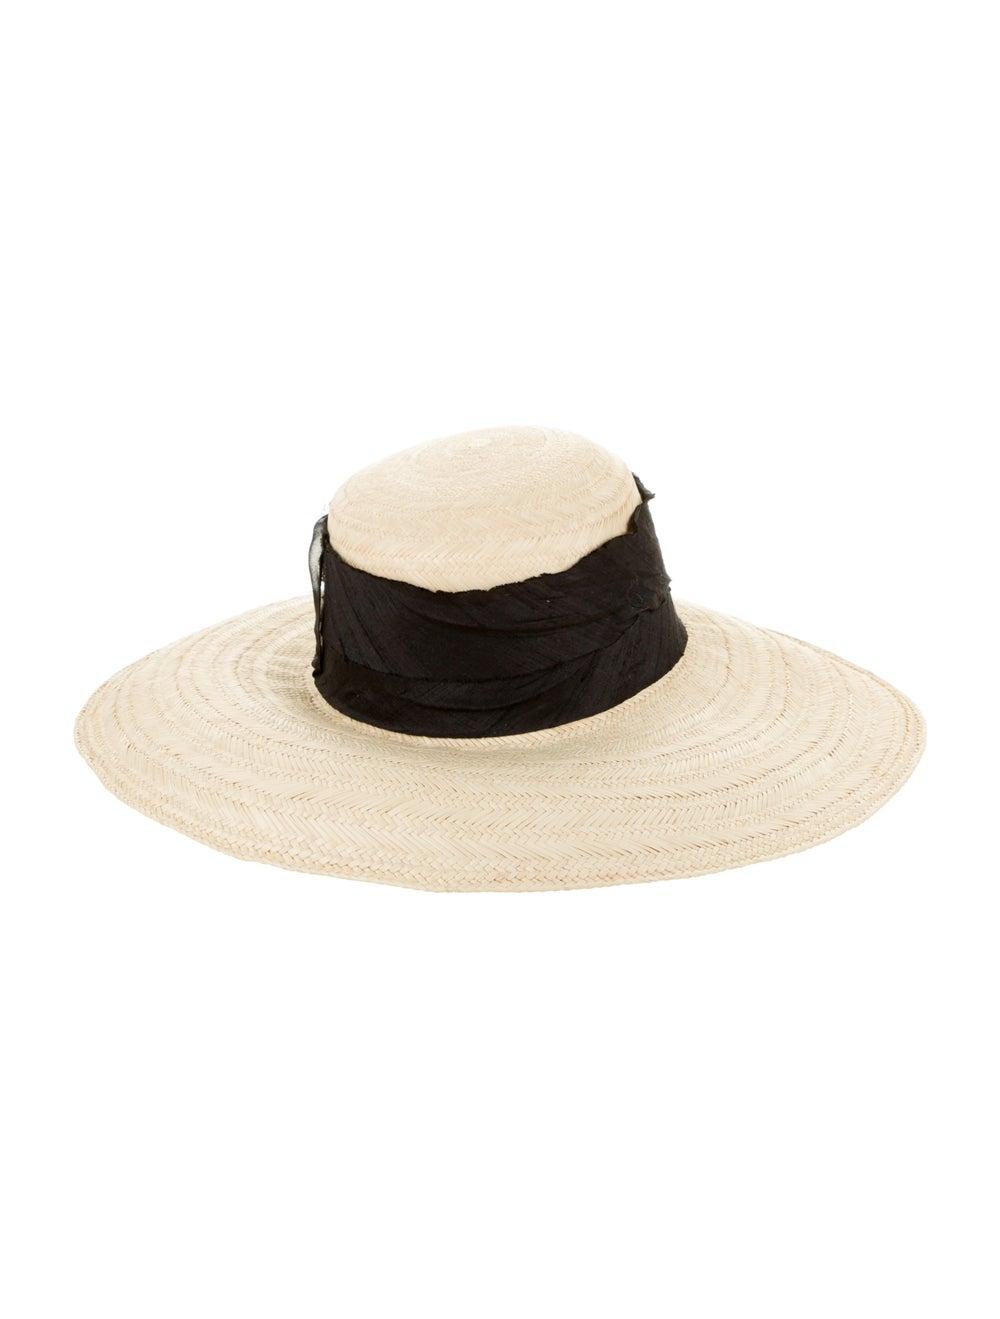 Janessa Leone Wide Brim Straw Hat - image 2